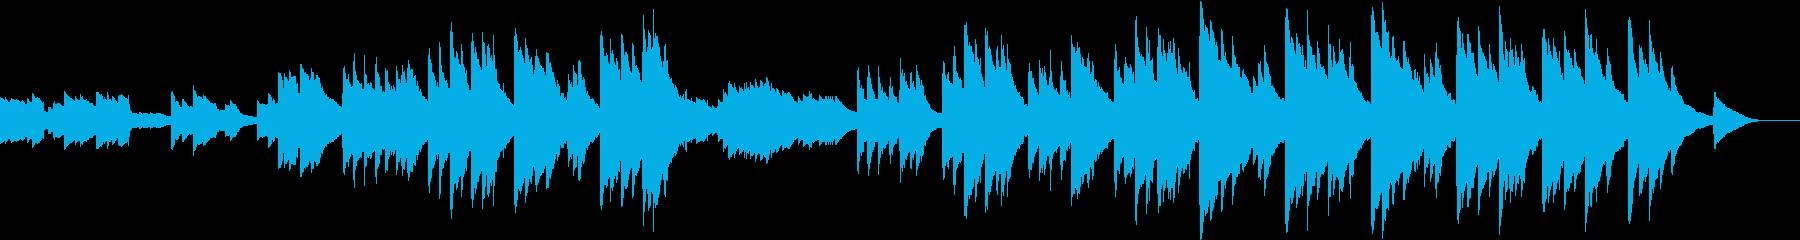 厳粛な静けさが漂うクラシカルなエレピの再生済みの波形